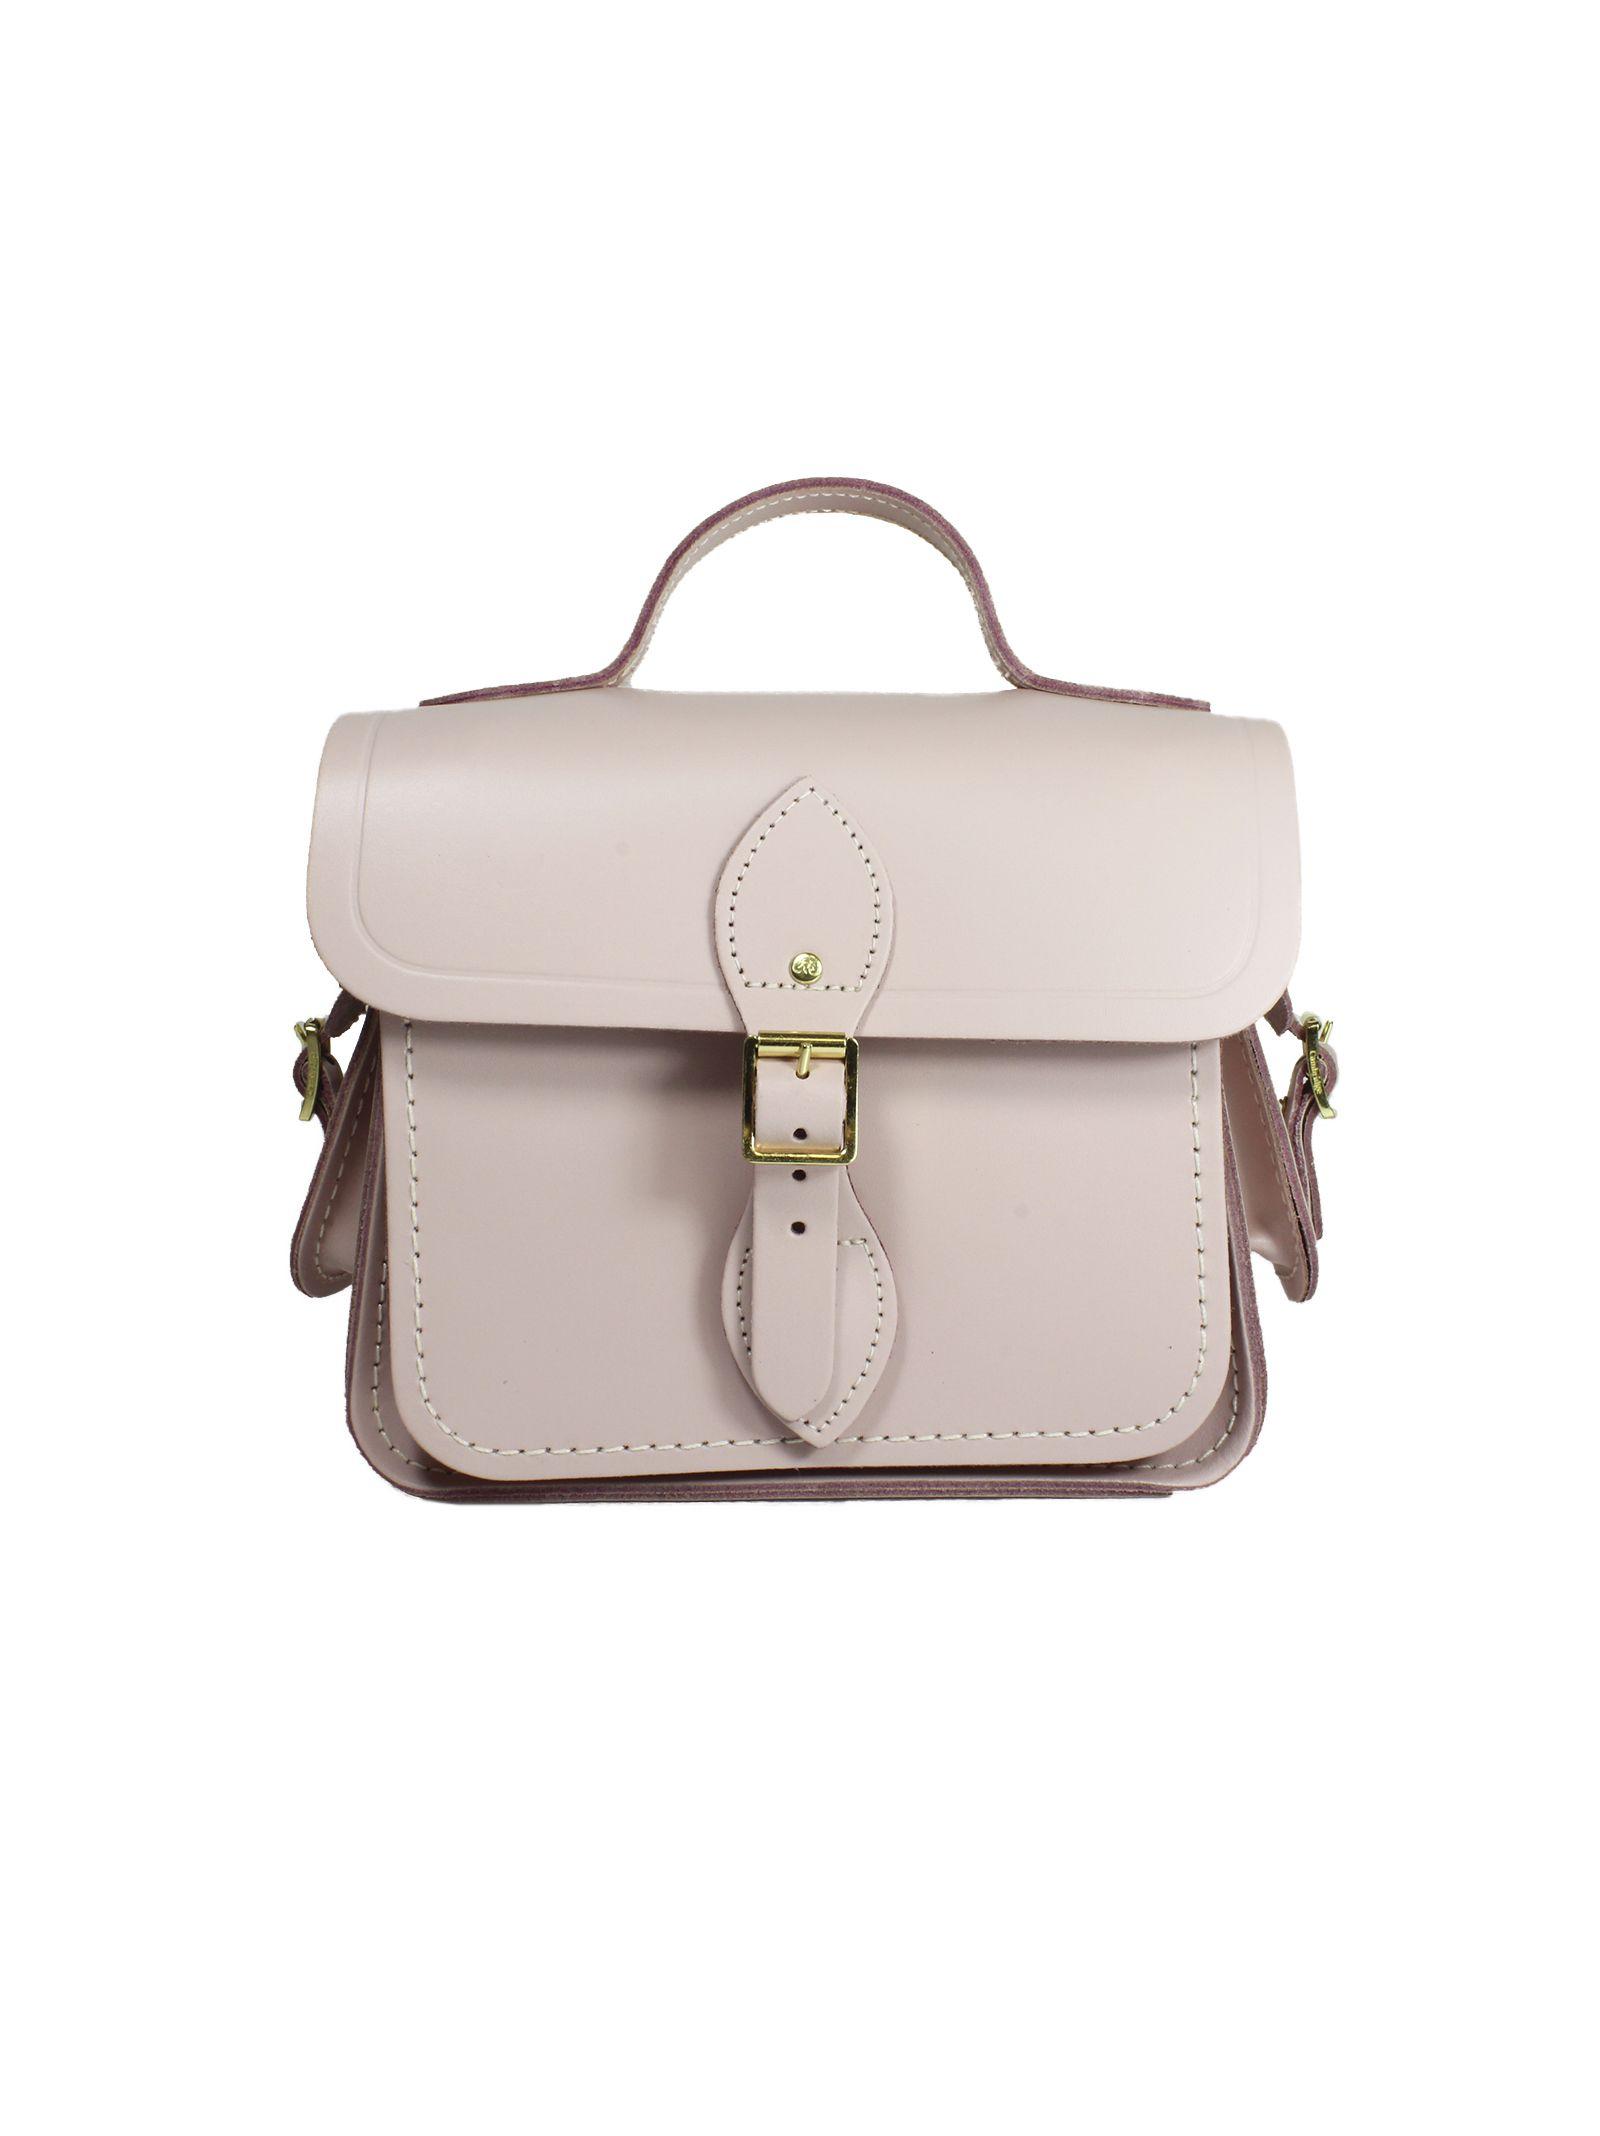 Dusky Rose Small Traveller Bag